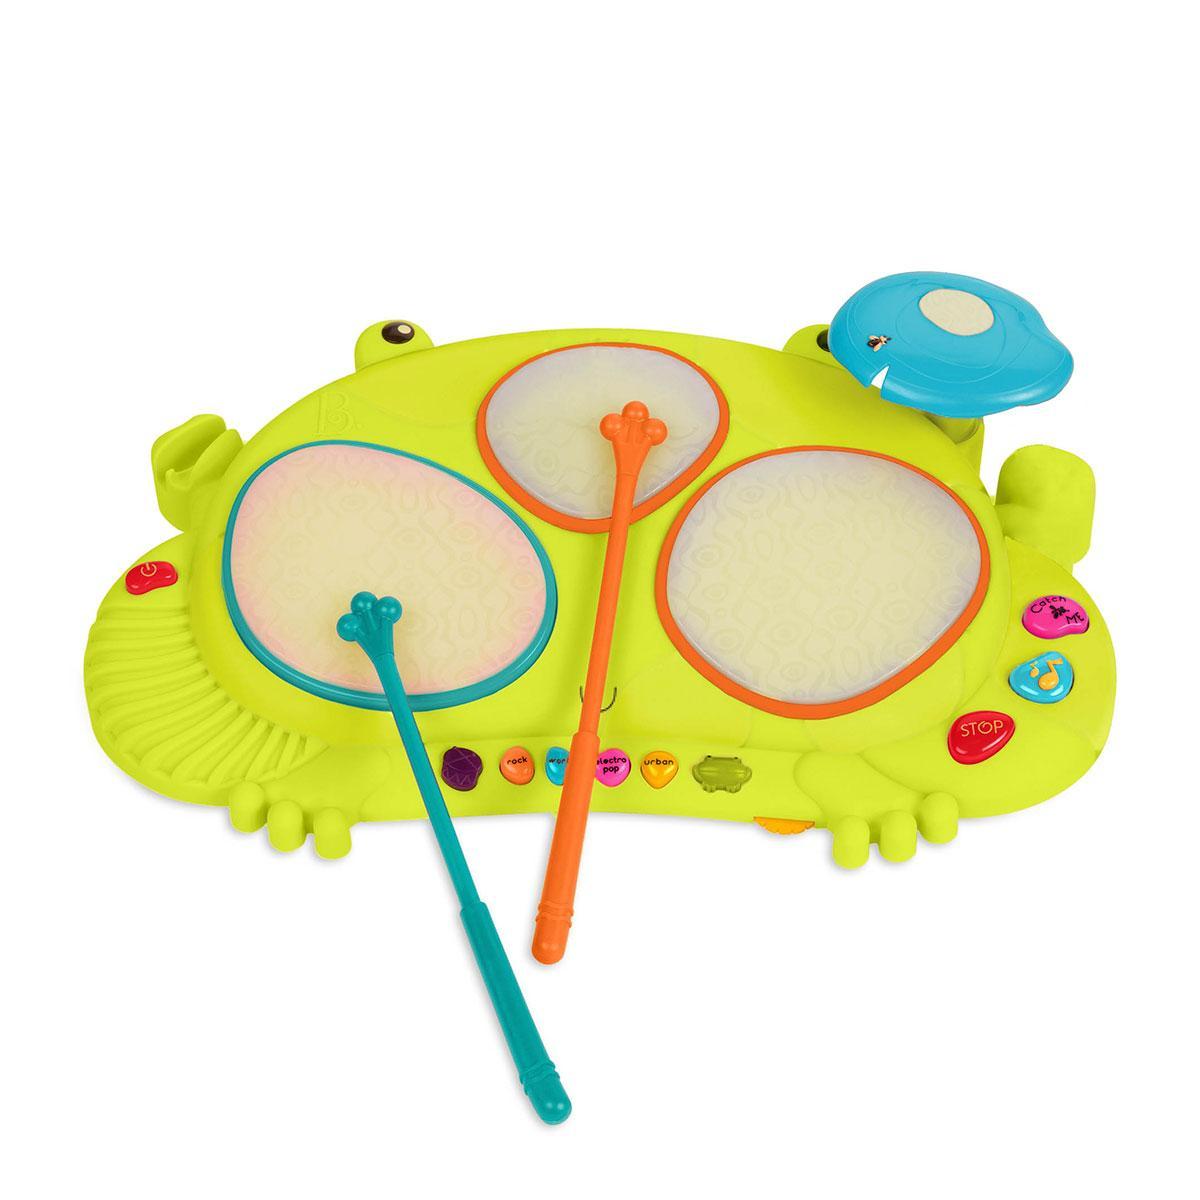 Музыкальная игрушка – Кваквафон Battat S2 (свет, звук) BX1953Z